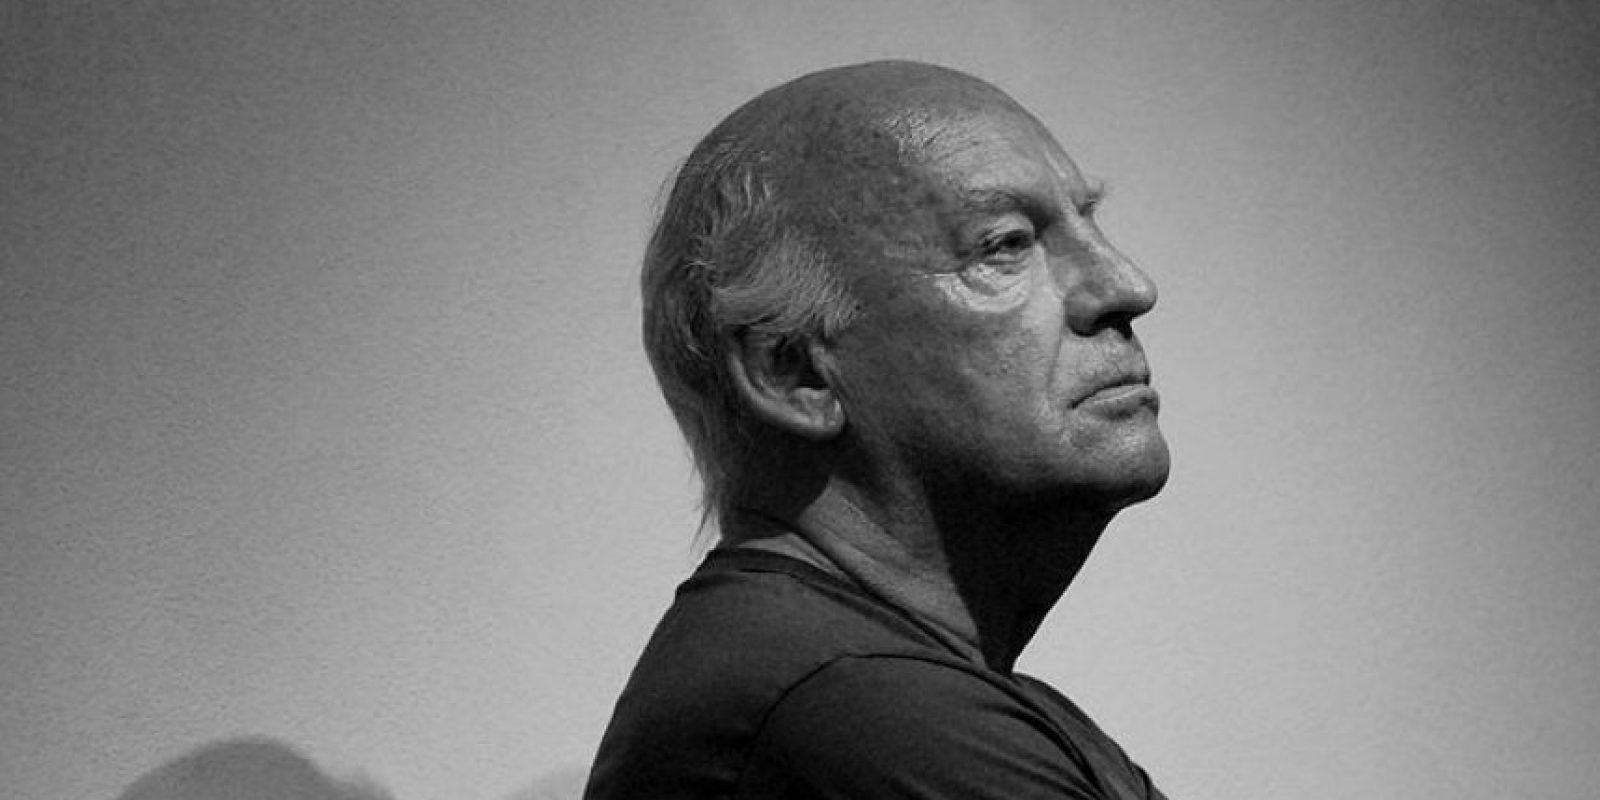 Galeano nació en Montevideo , Uruguay en el seno de una familia de clase alta y católica de ascendencia italiana, española, galesa y alemana el 3 de septiembre de 1940. Foto:Wikimedia